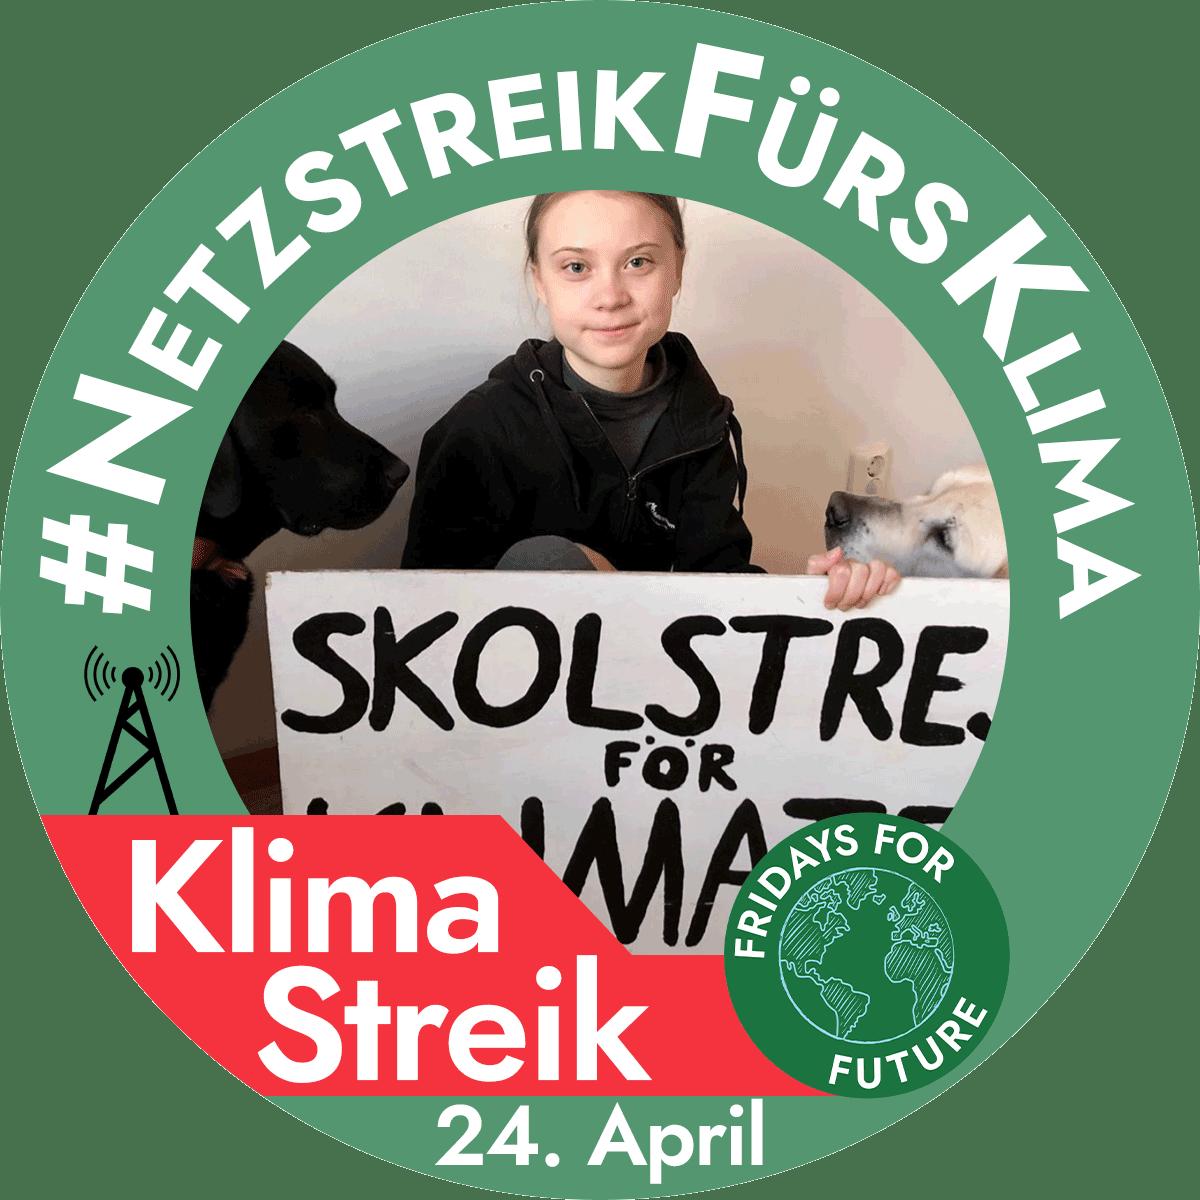 #NetzstreikFürsKlima – Jetzt online mitstreiken!